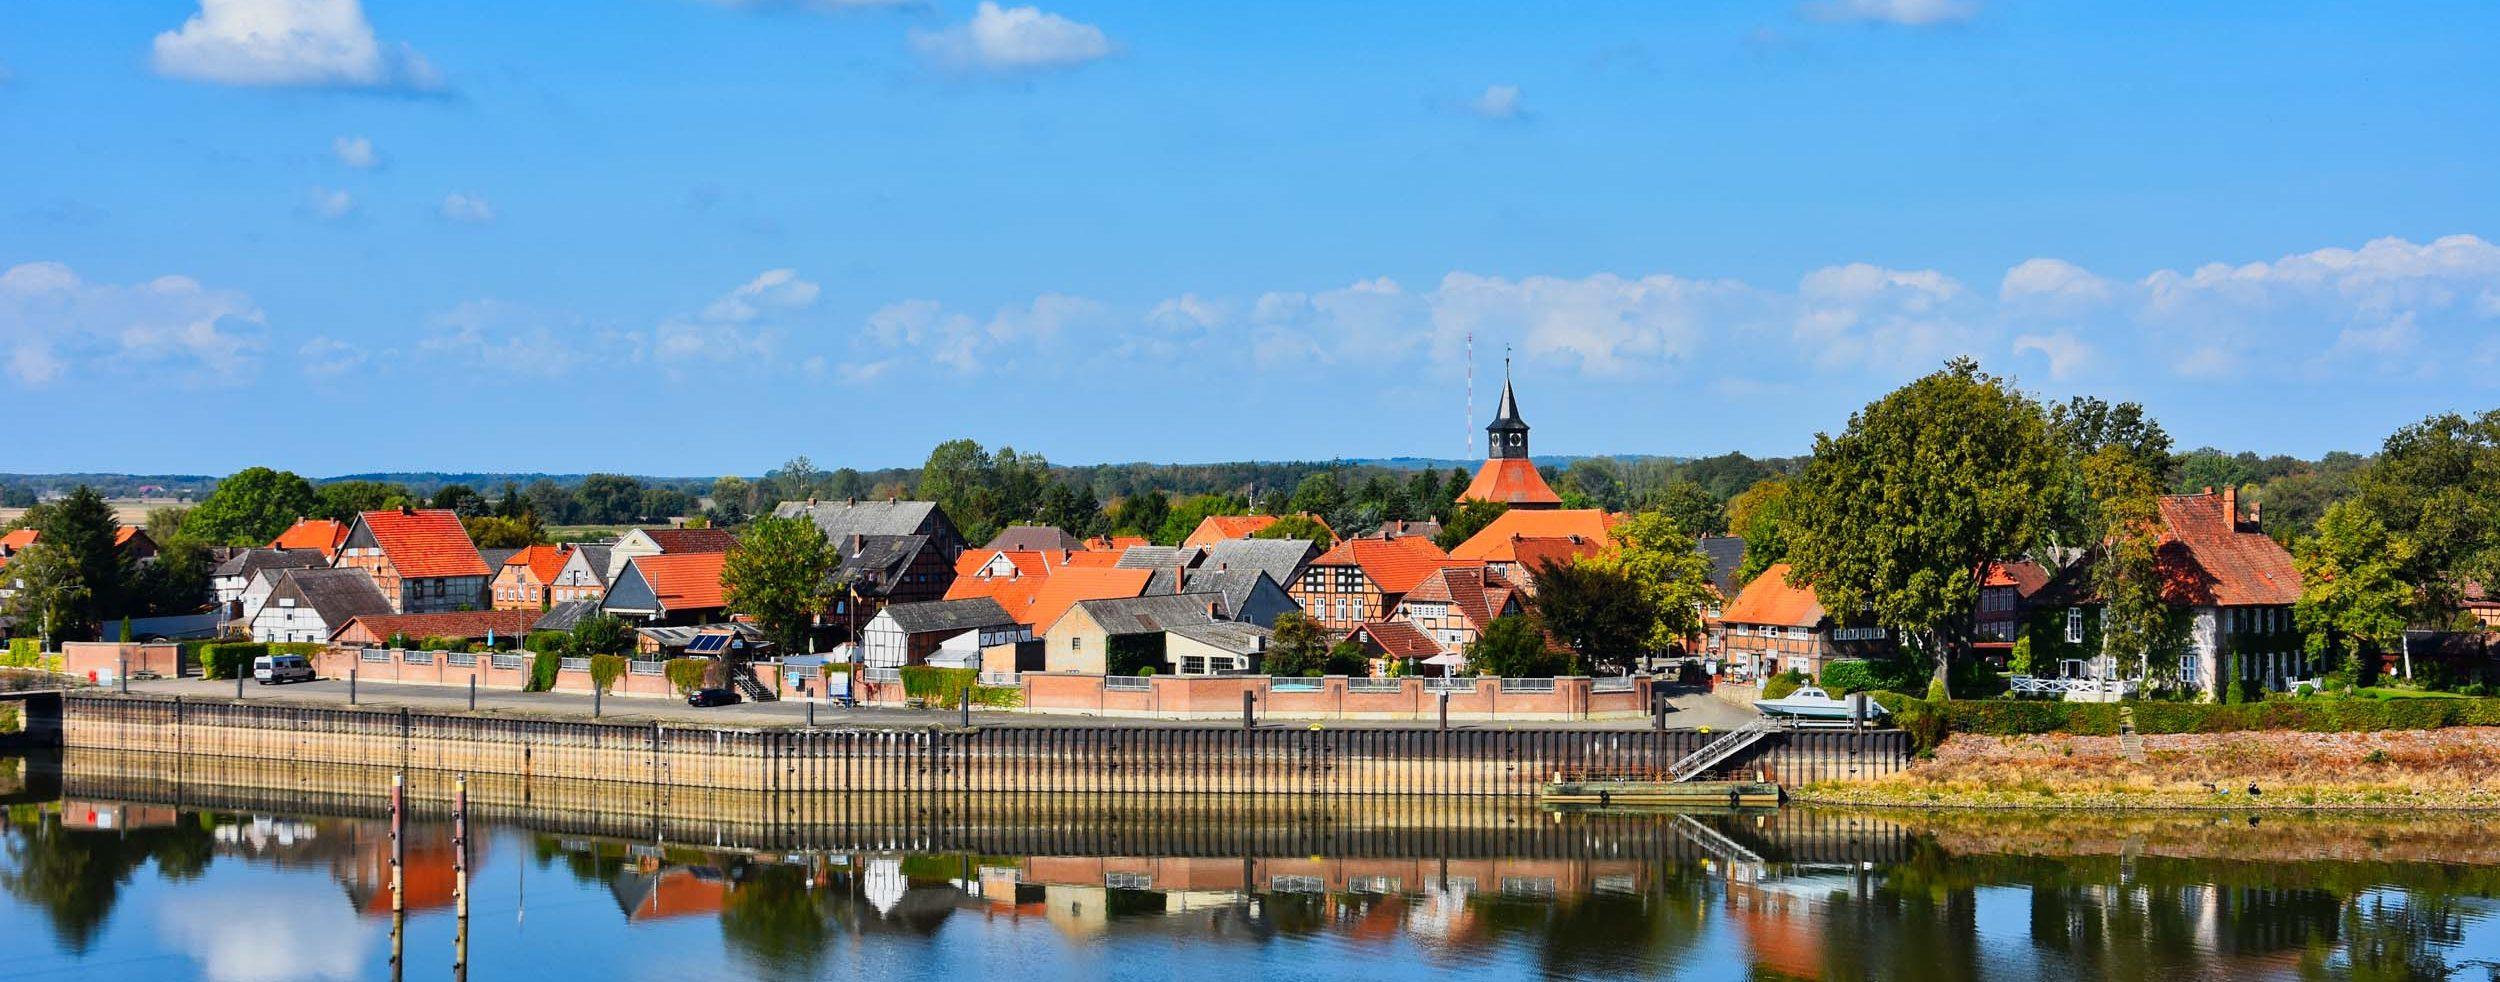 Schnakenburg mit dem kleinen Hafen